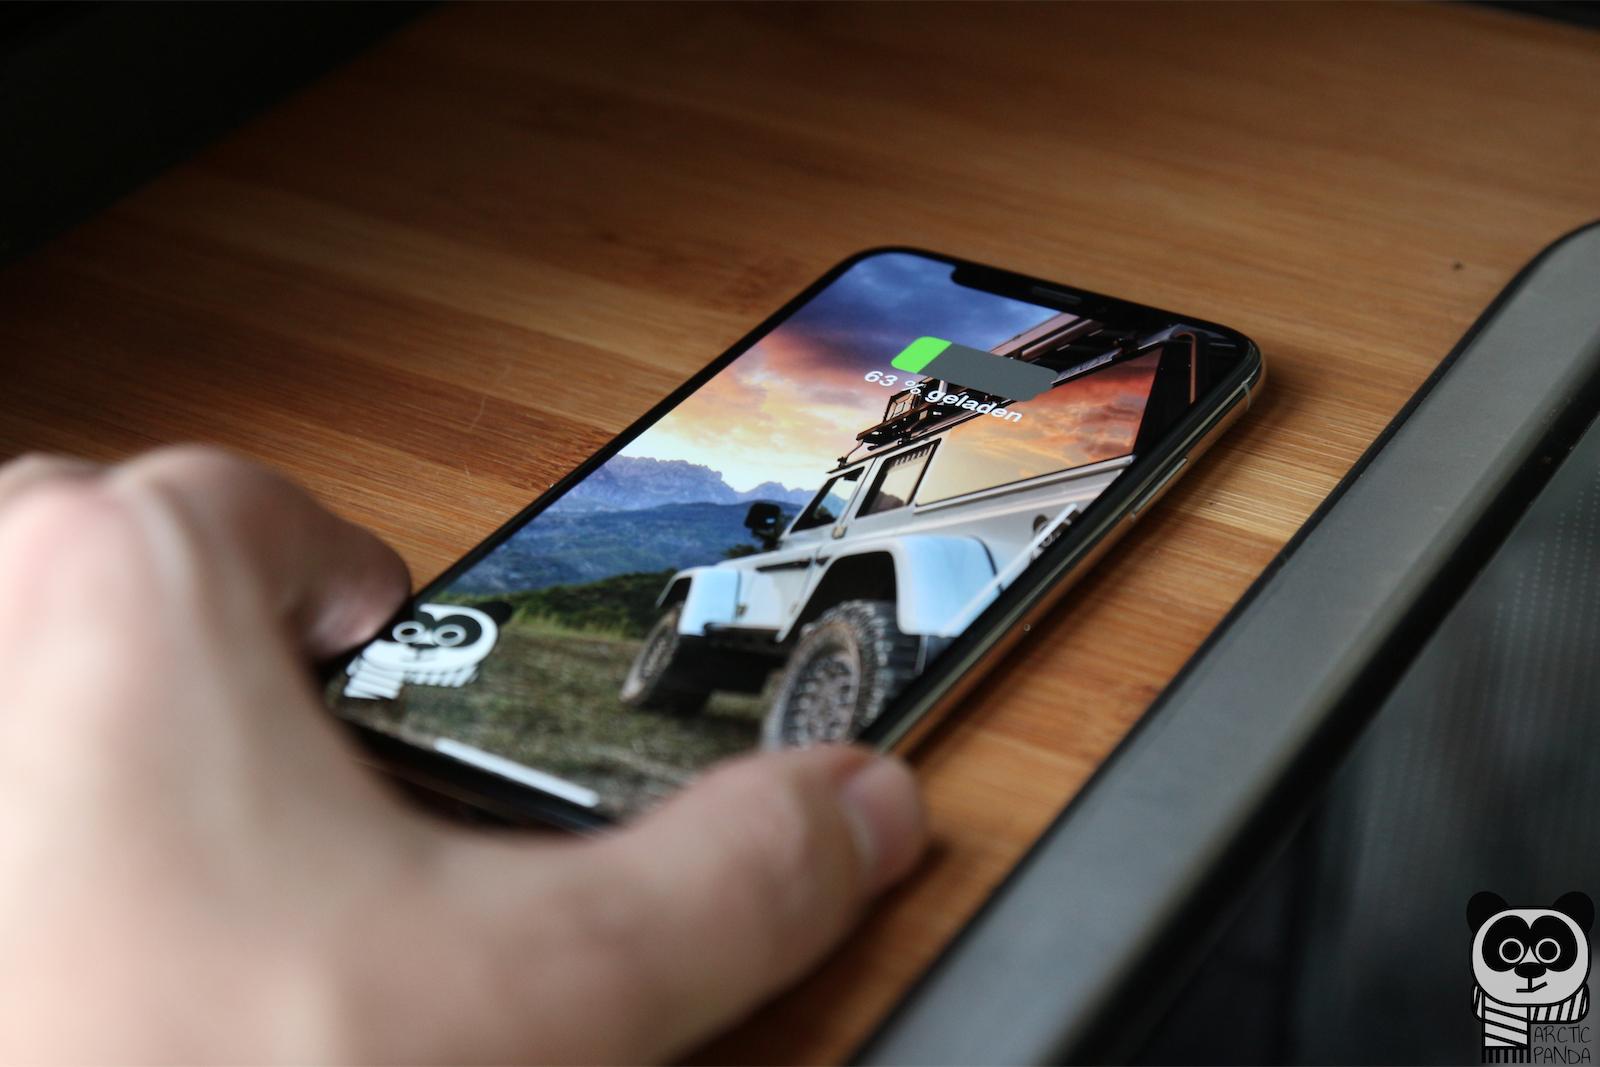 Induktives Laden durch bloßes ablegen des iPhones auf die Küchenplatte.